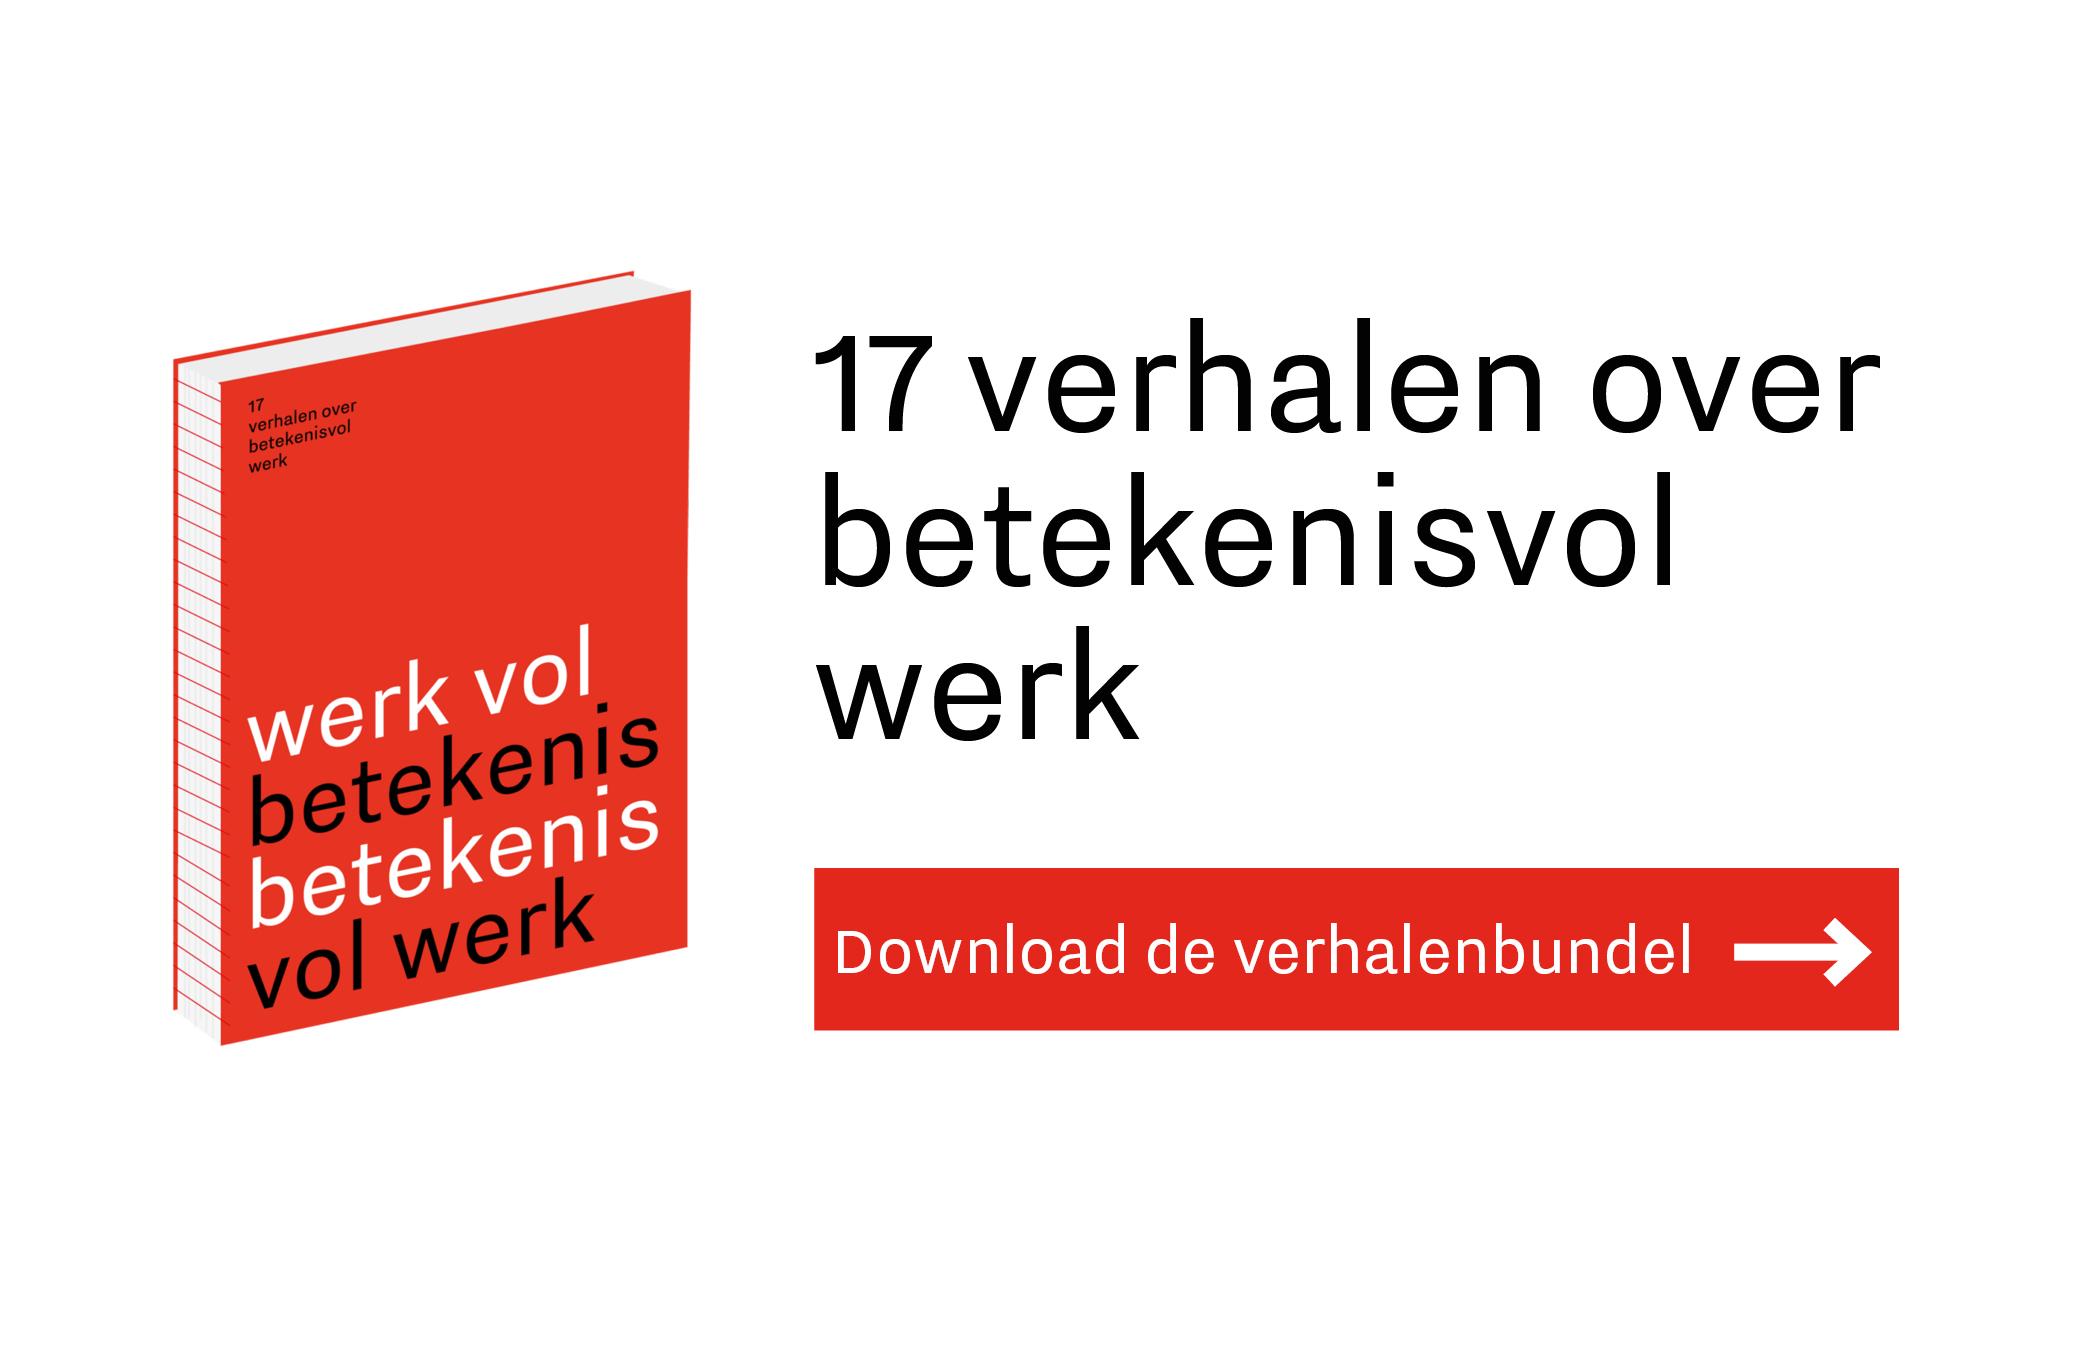 Afbeelding van het boek 17 verhalen over betekenisvol werk